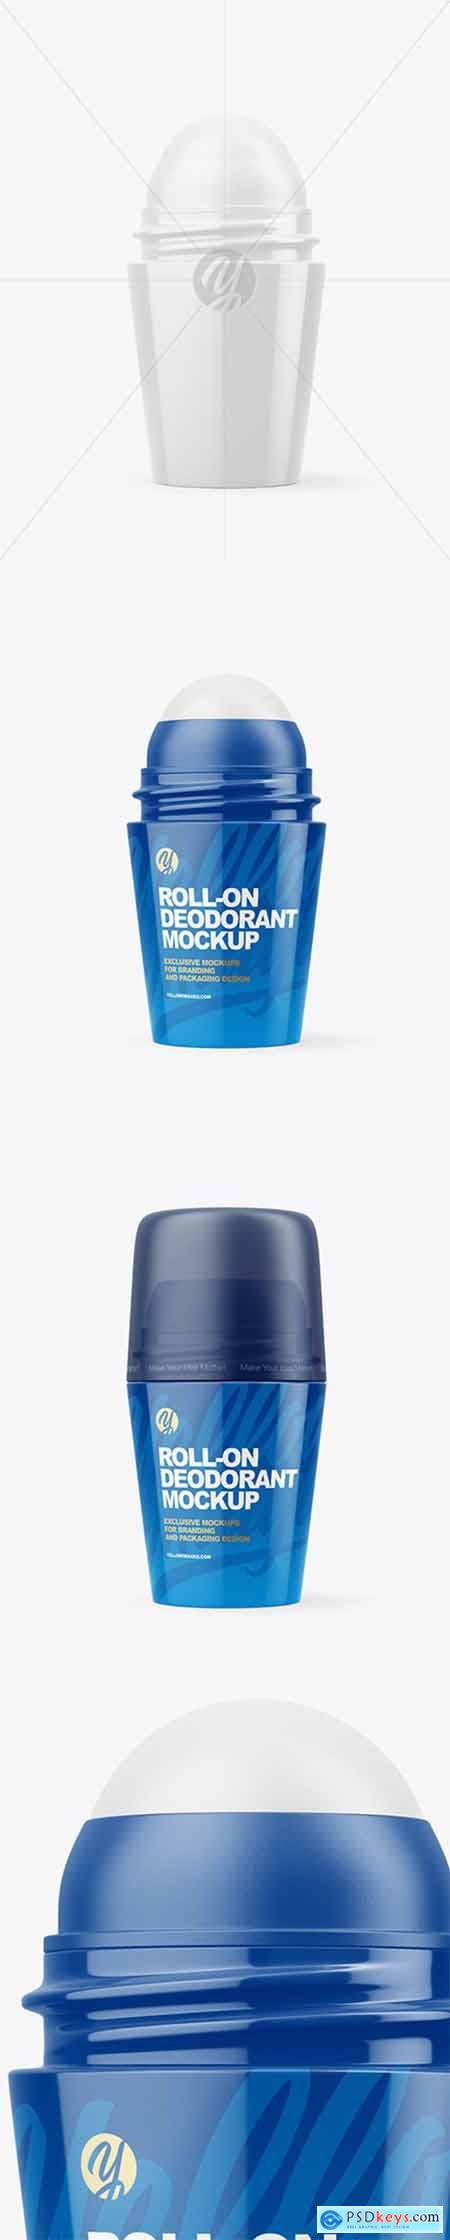 Roll-On Deodorant Mockup 79878